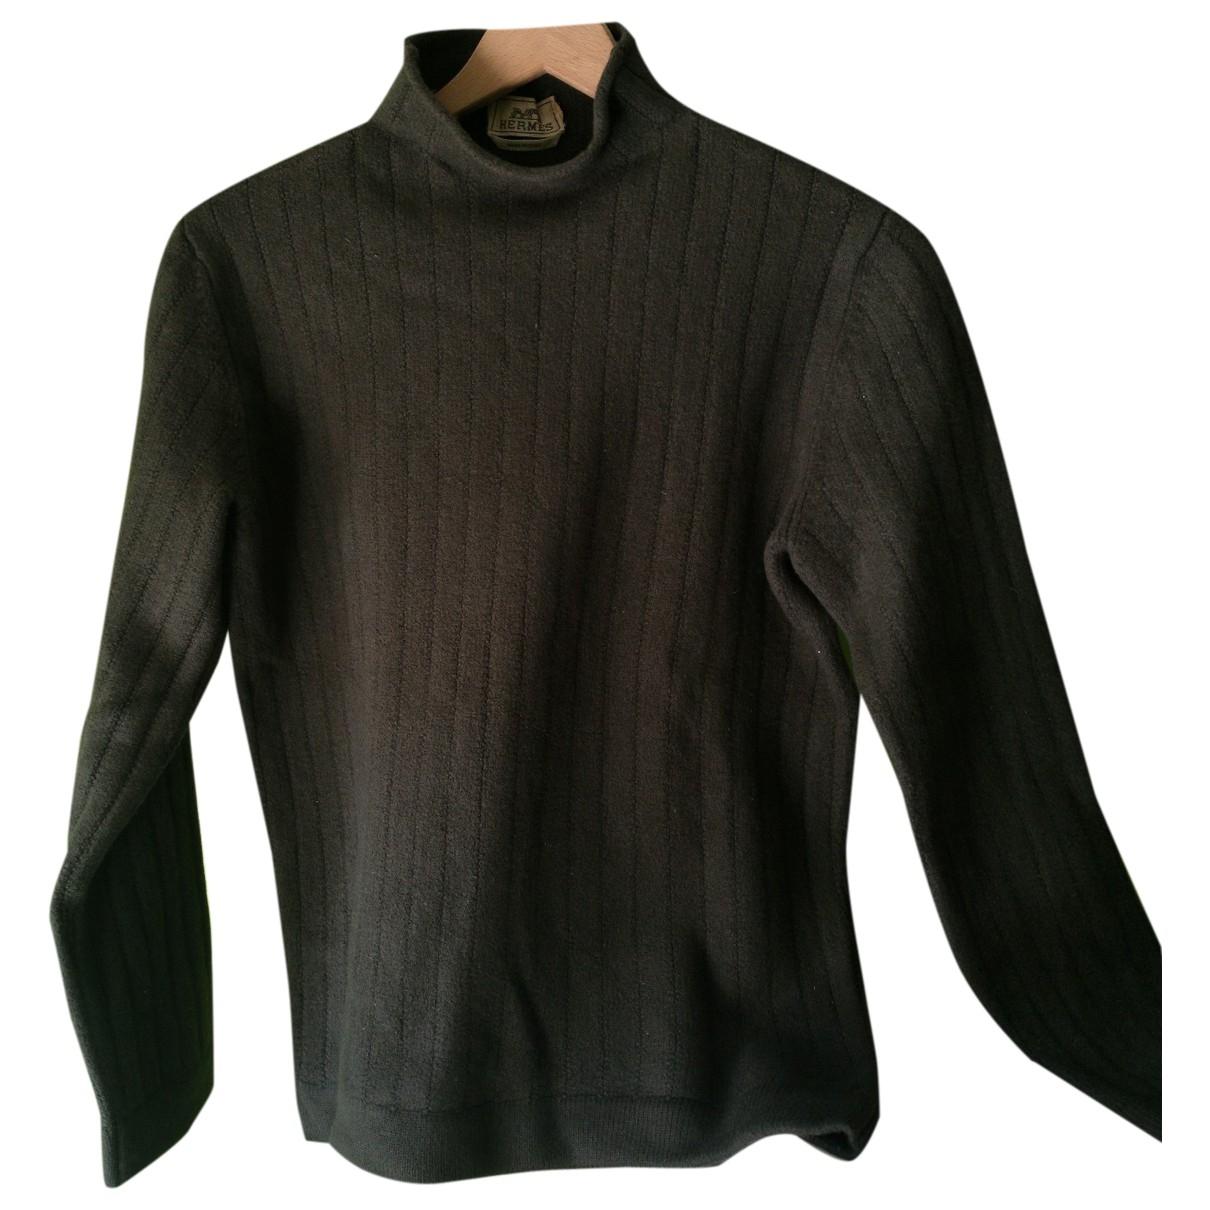 Hermes - Pull   pour femme en laine - kaki